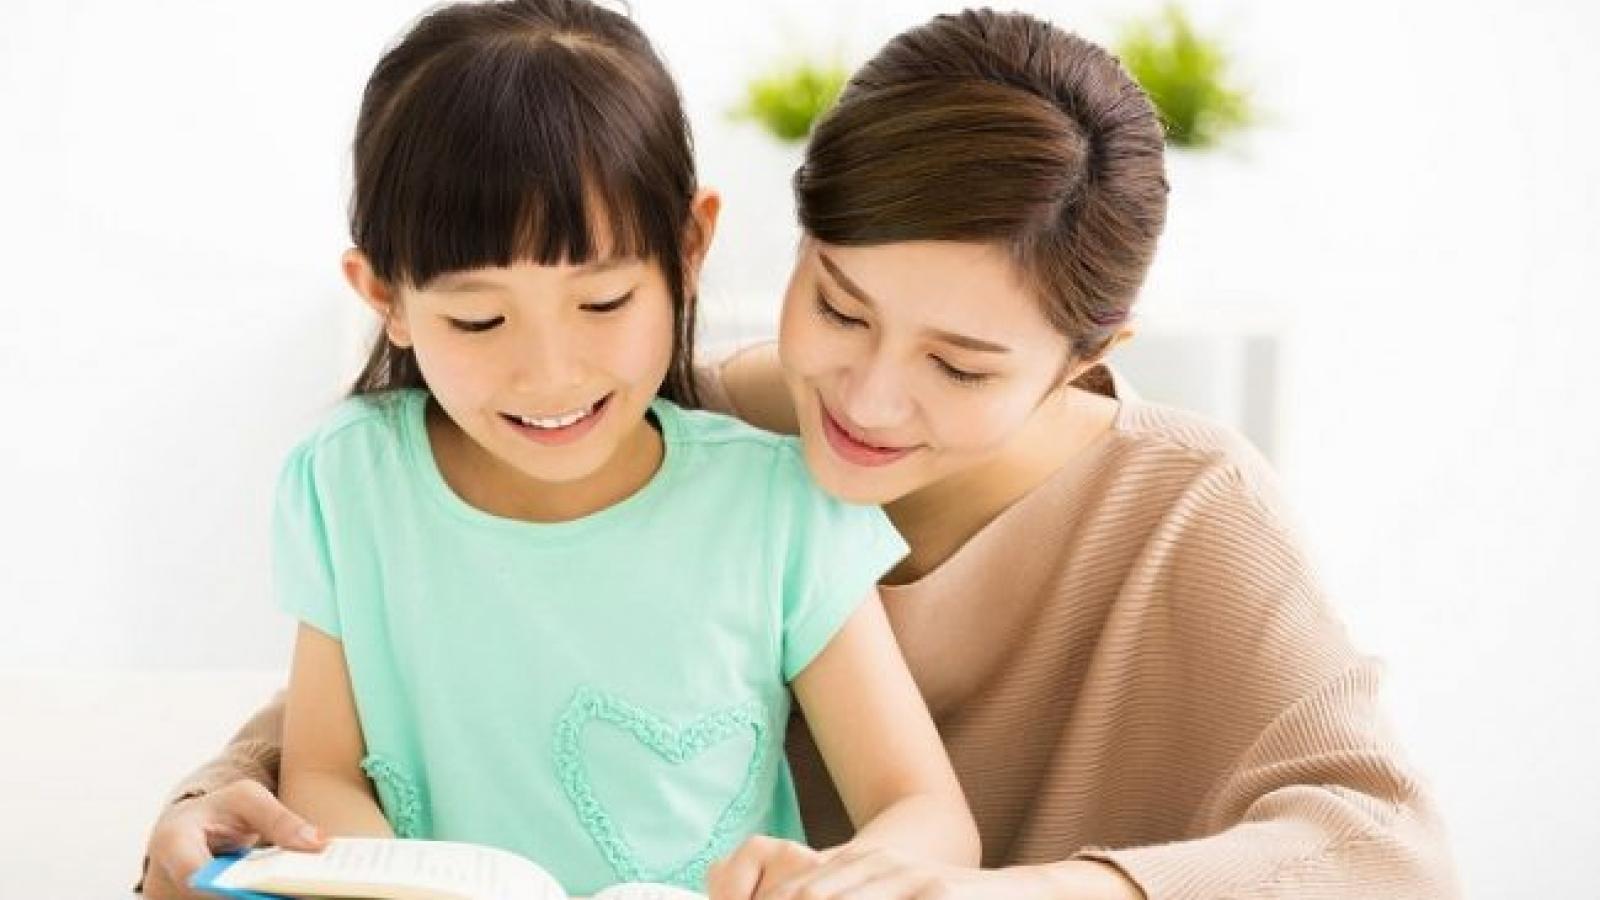 8 hoạt động rèn luyện trí não cho trẻ mà bố mẹ nên áp dụng